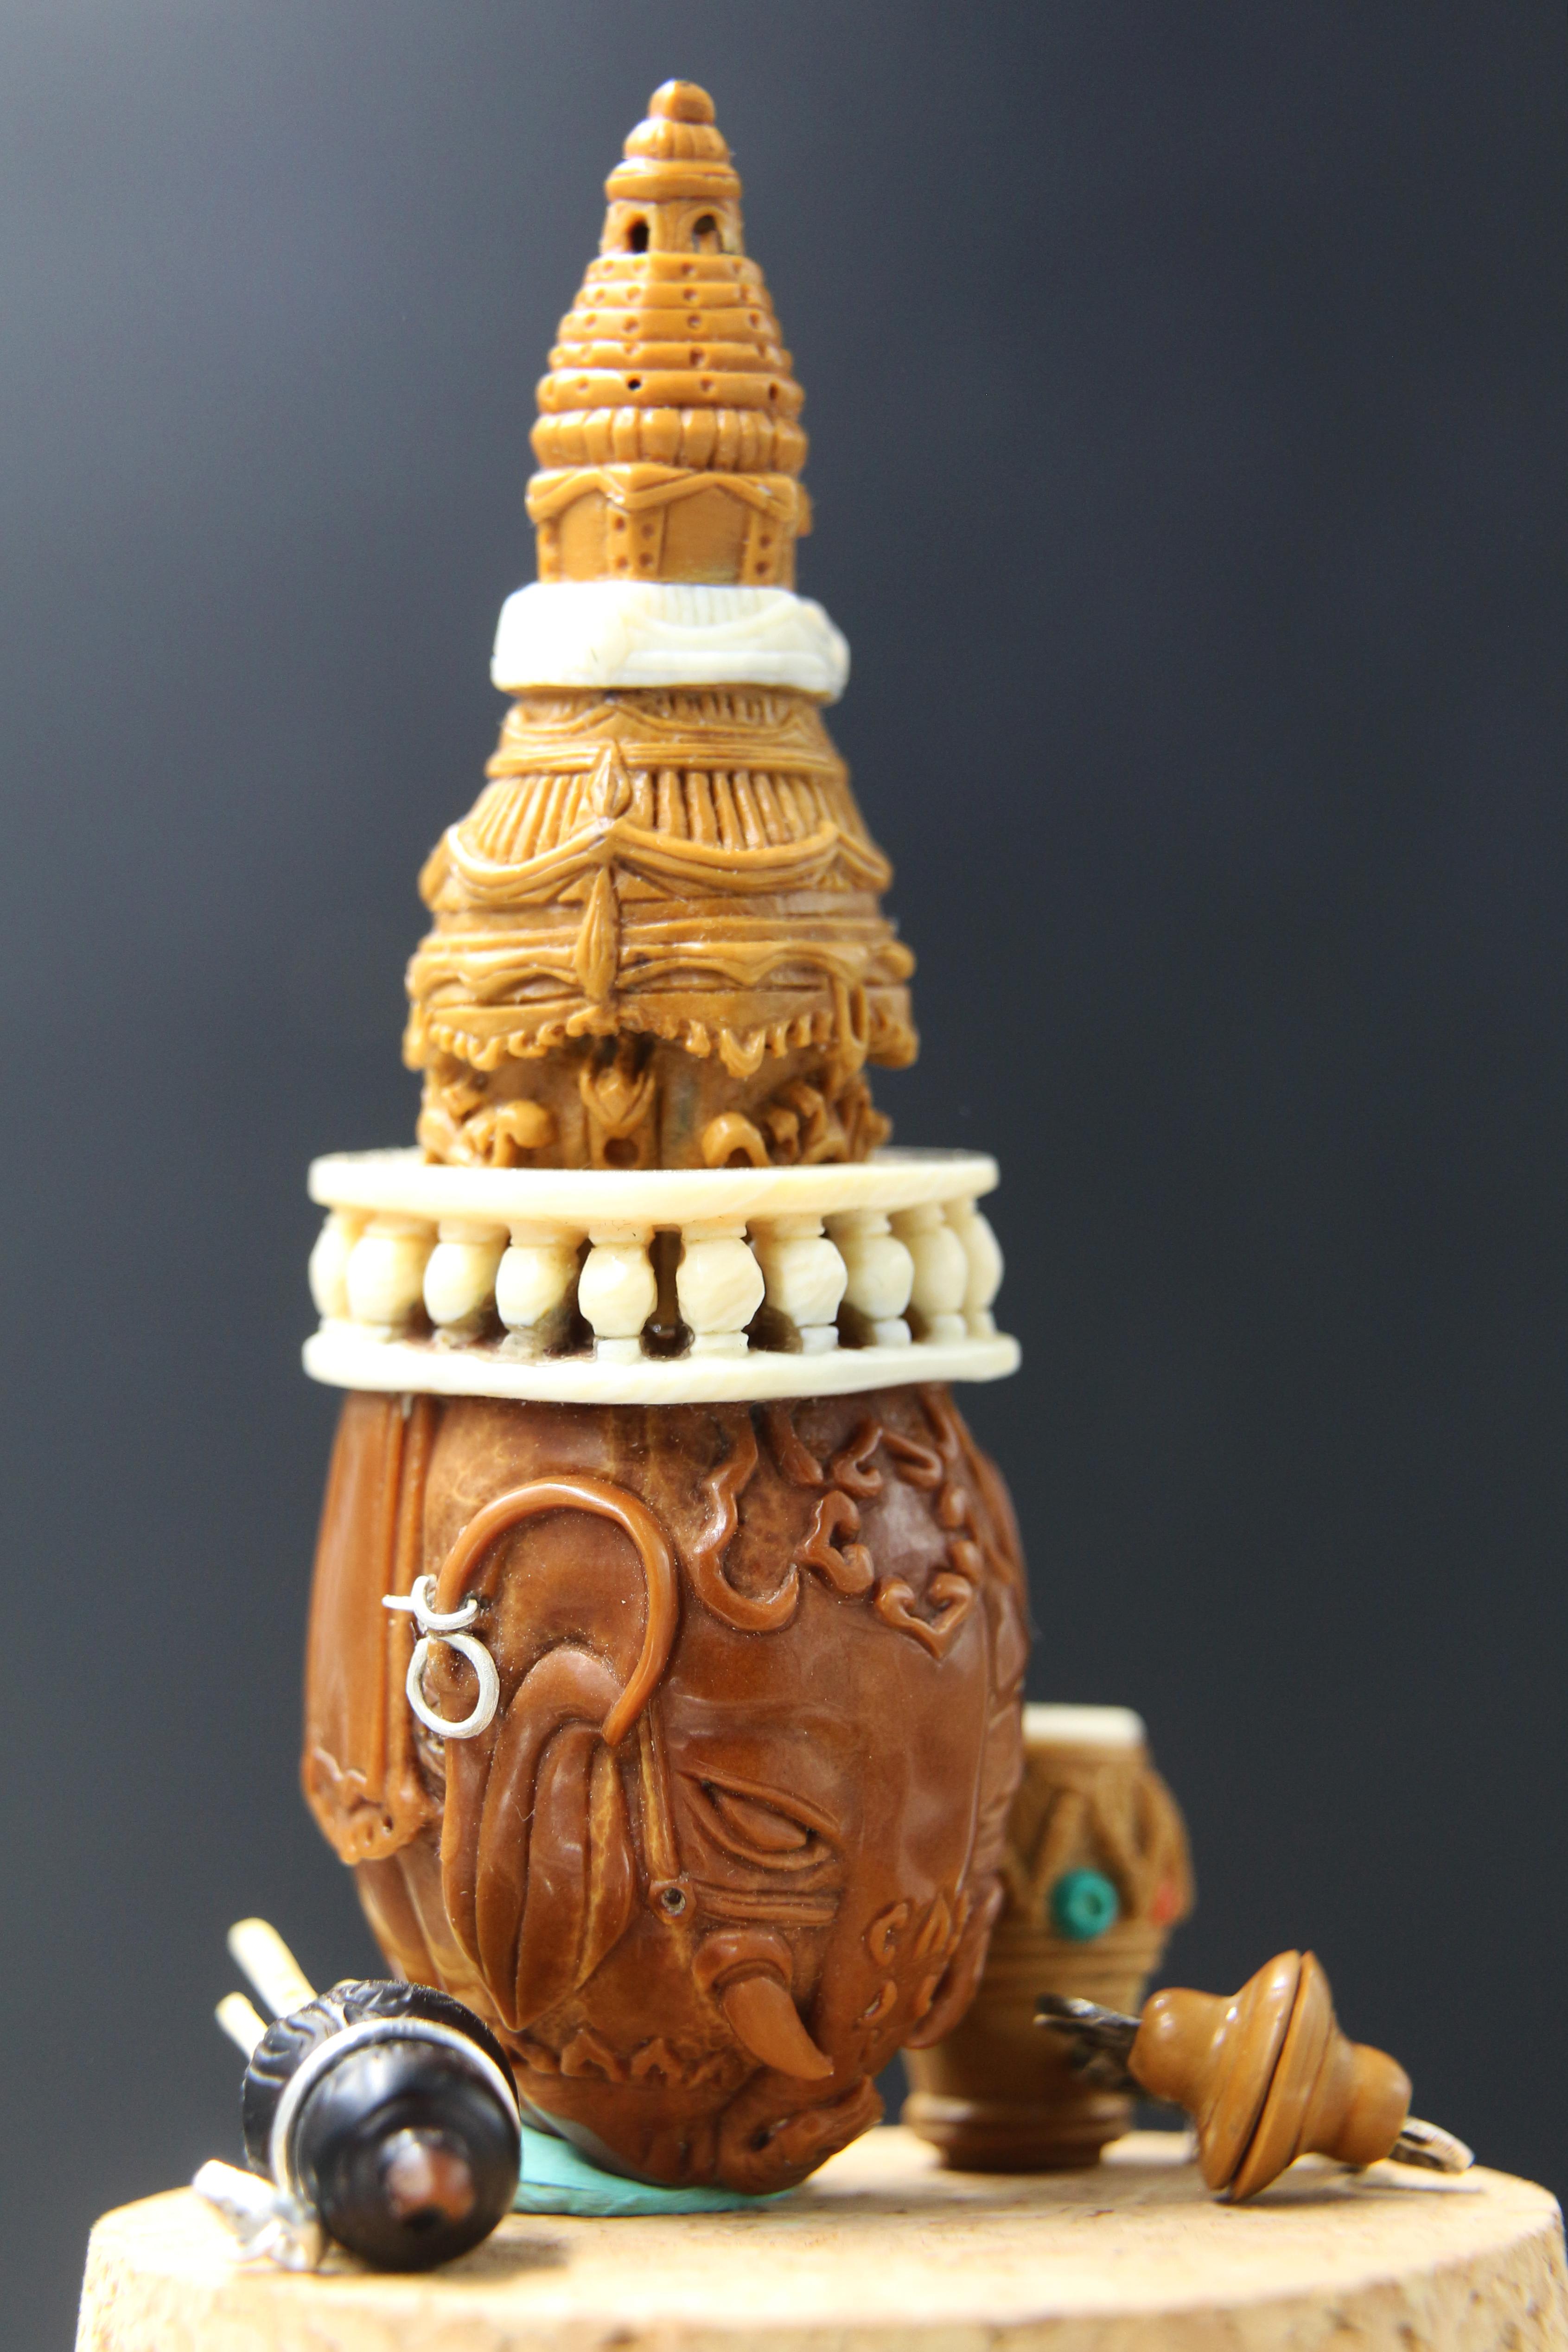 象驼金塔与傣族乐器|手工艺|工艺品设计|hauru - 原创